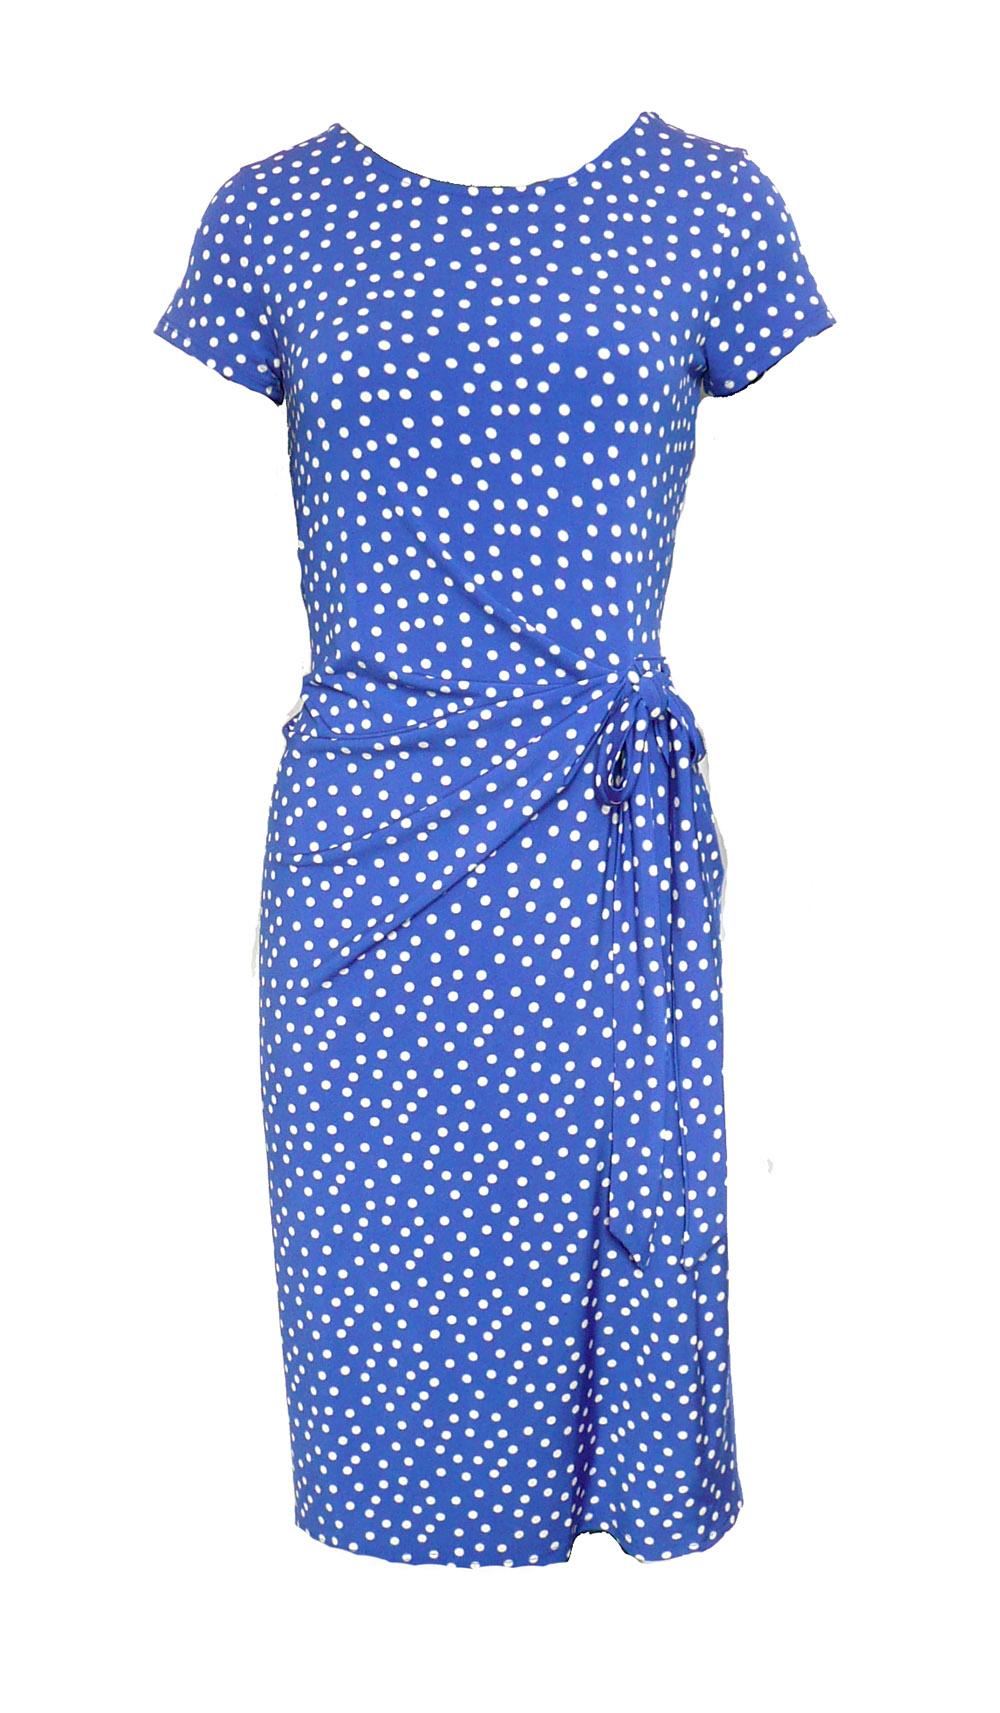 dress cap sl blu dot.jpg